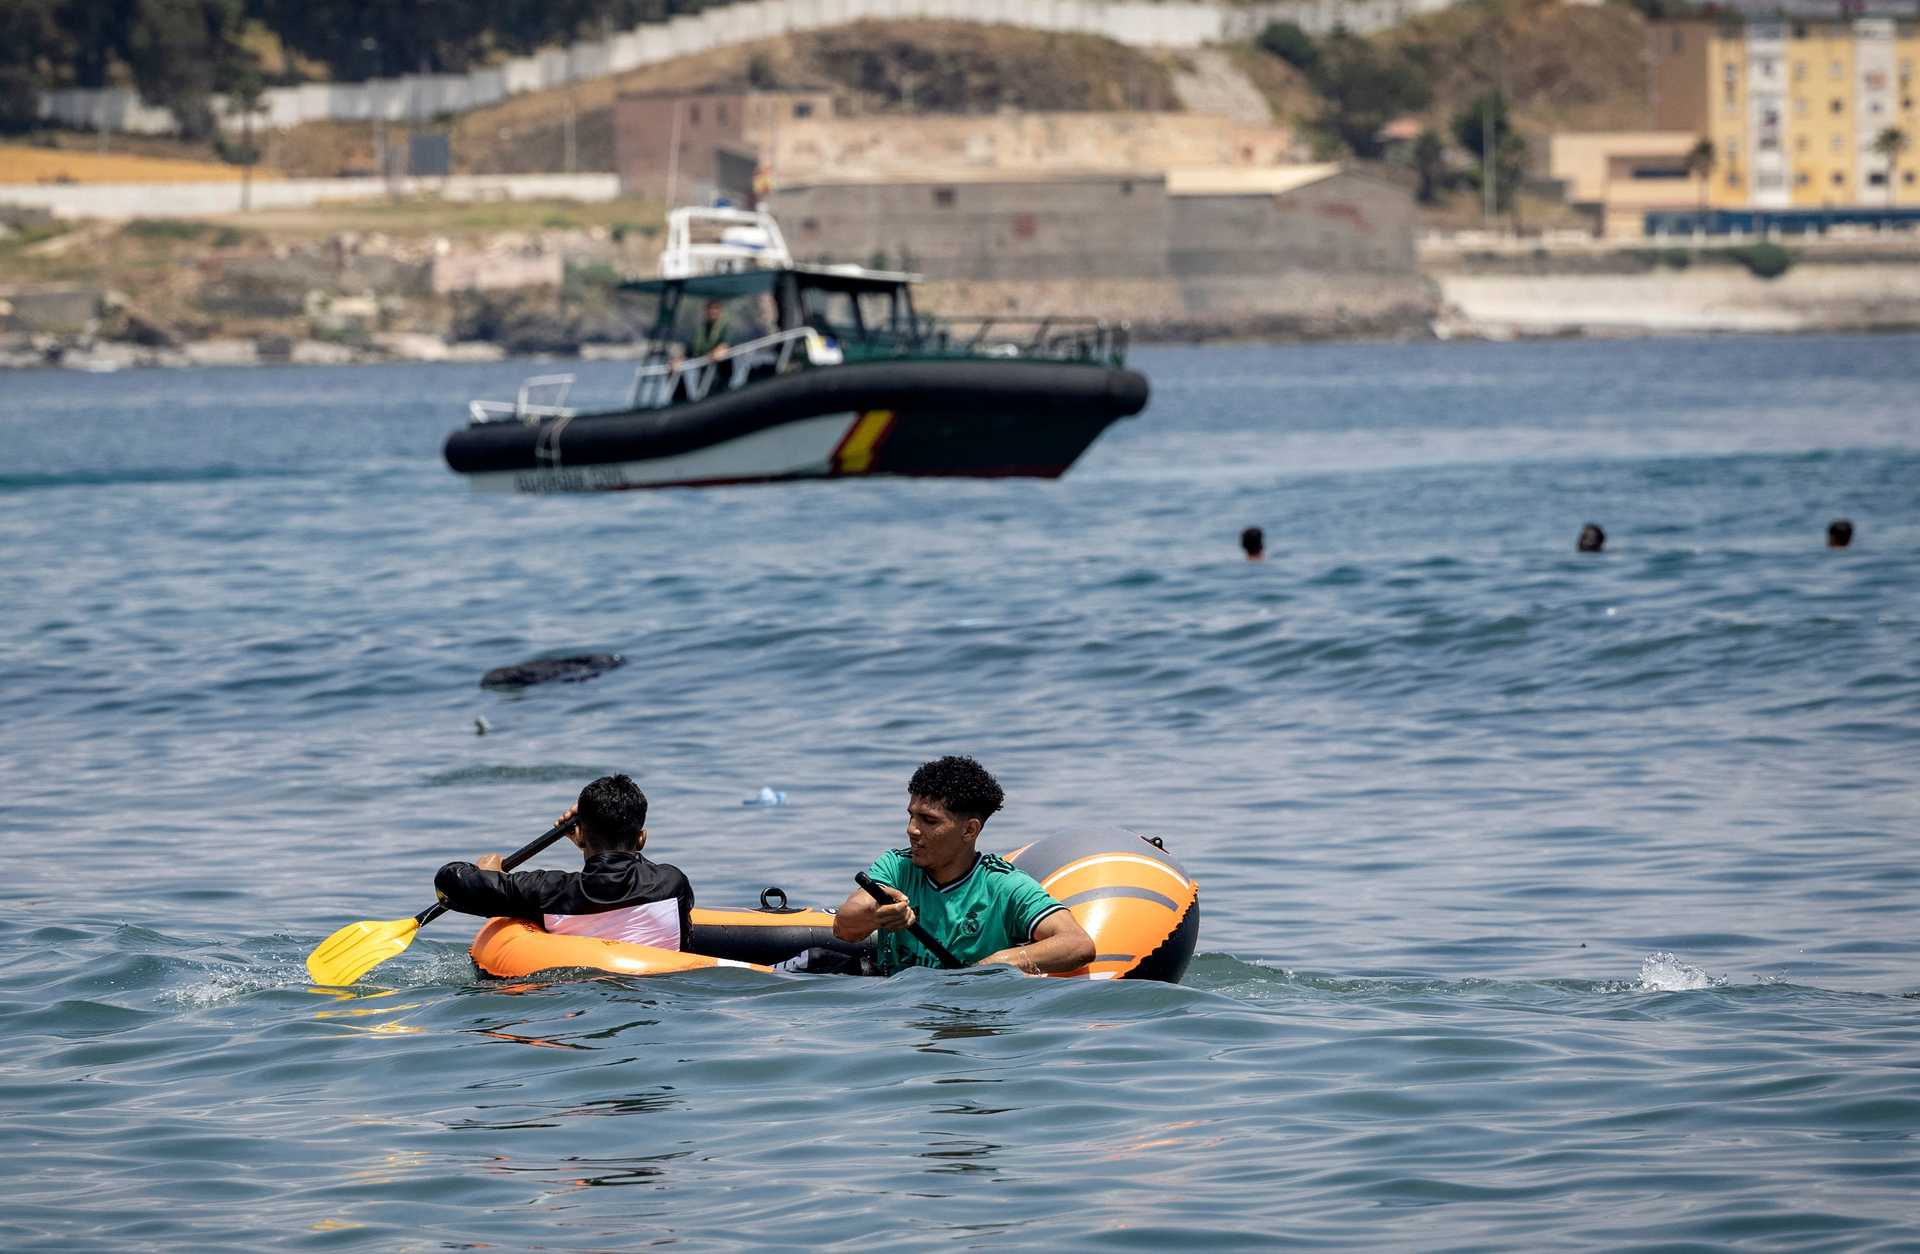 As imagens de uma crise migratória sem precedentes em Ceuta - milenio stadium - portugal